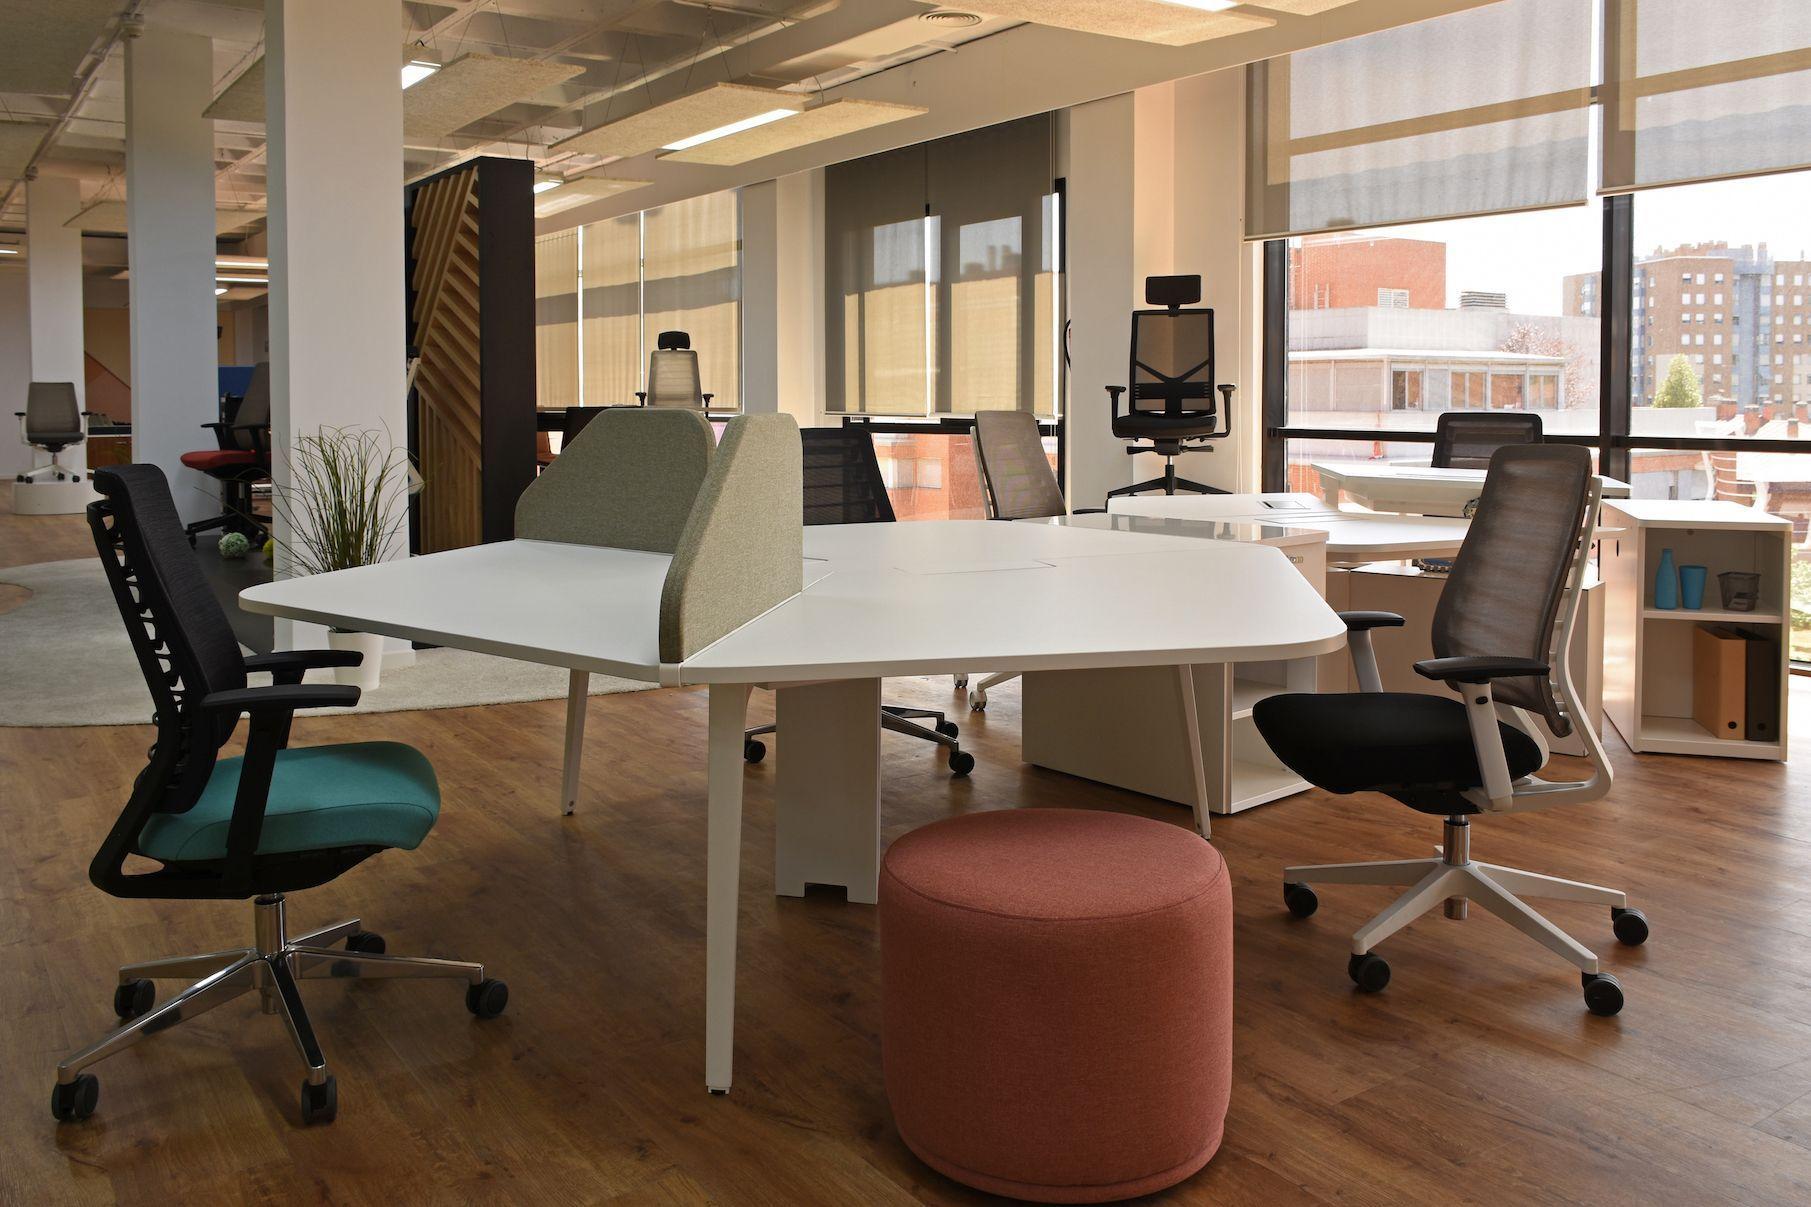 espacios de trabajo innovadores